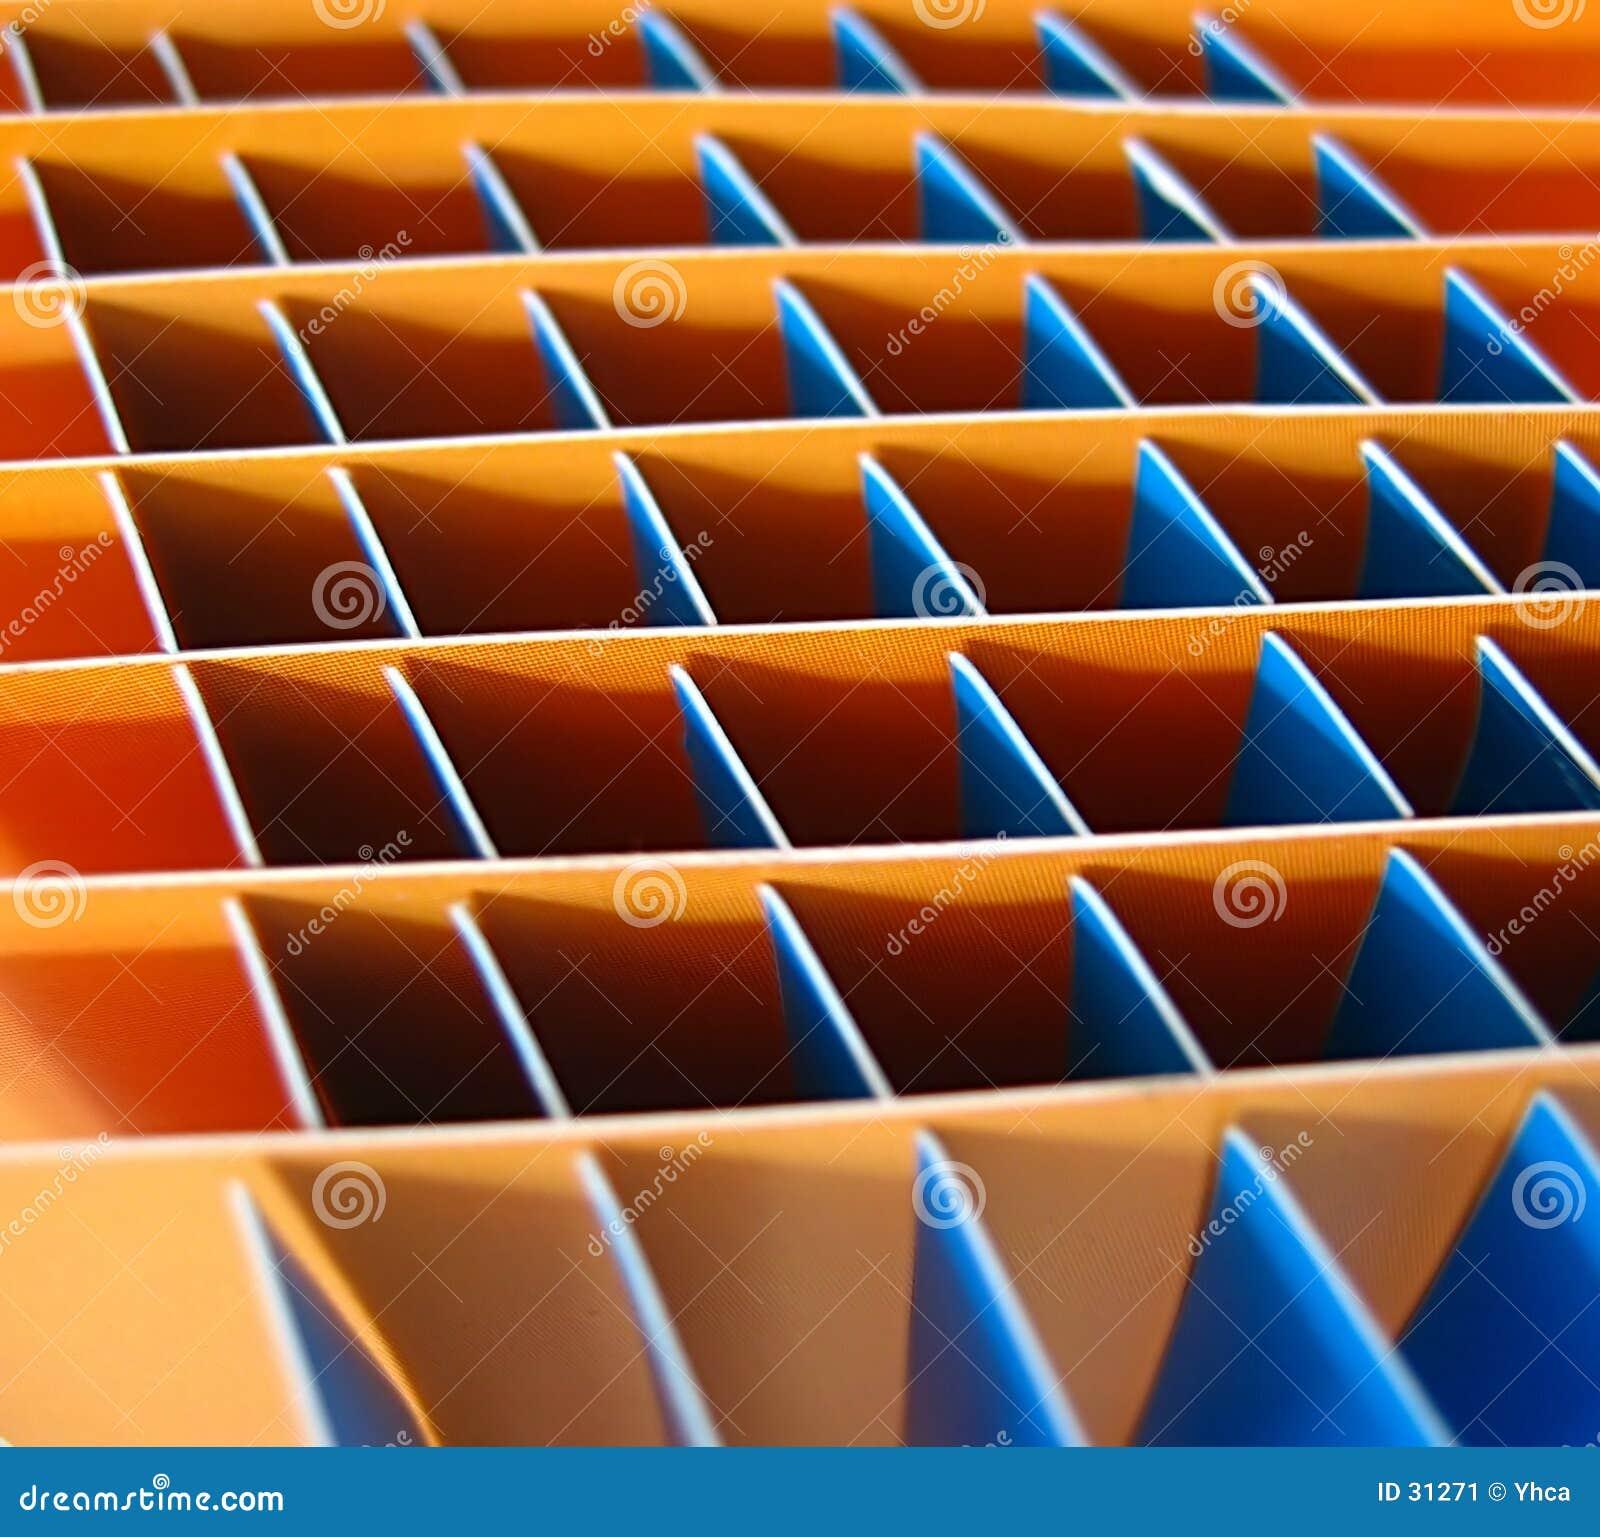 Orange and blue squares